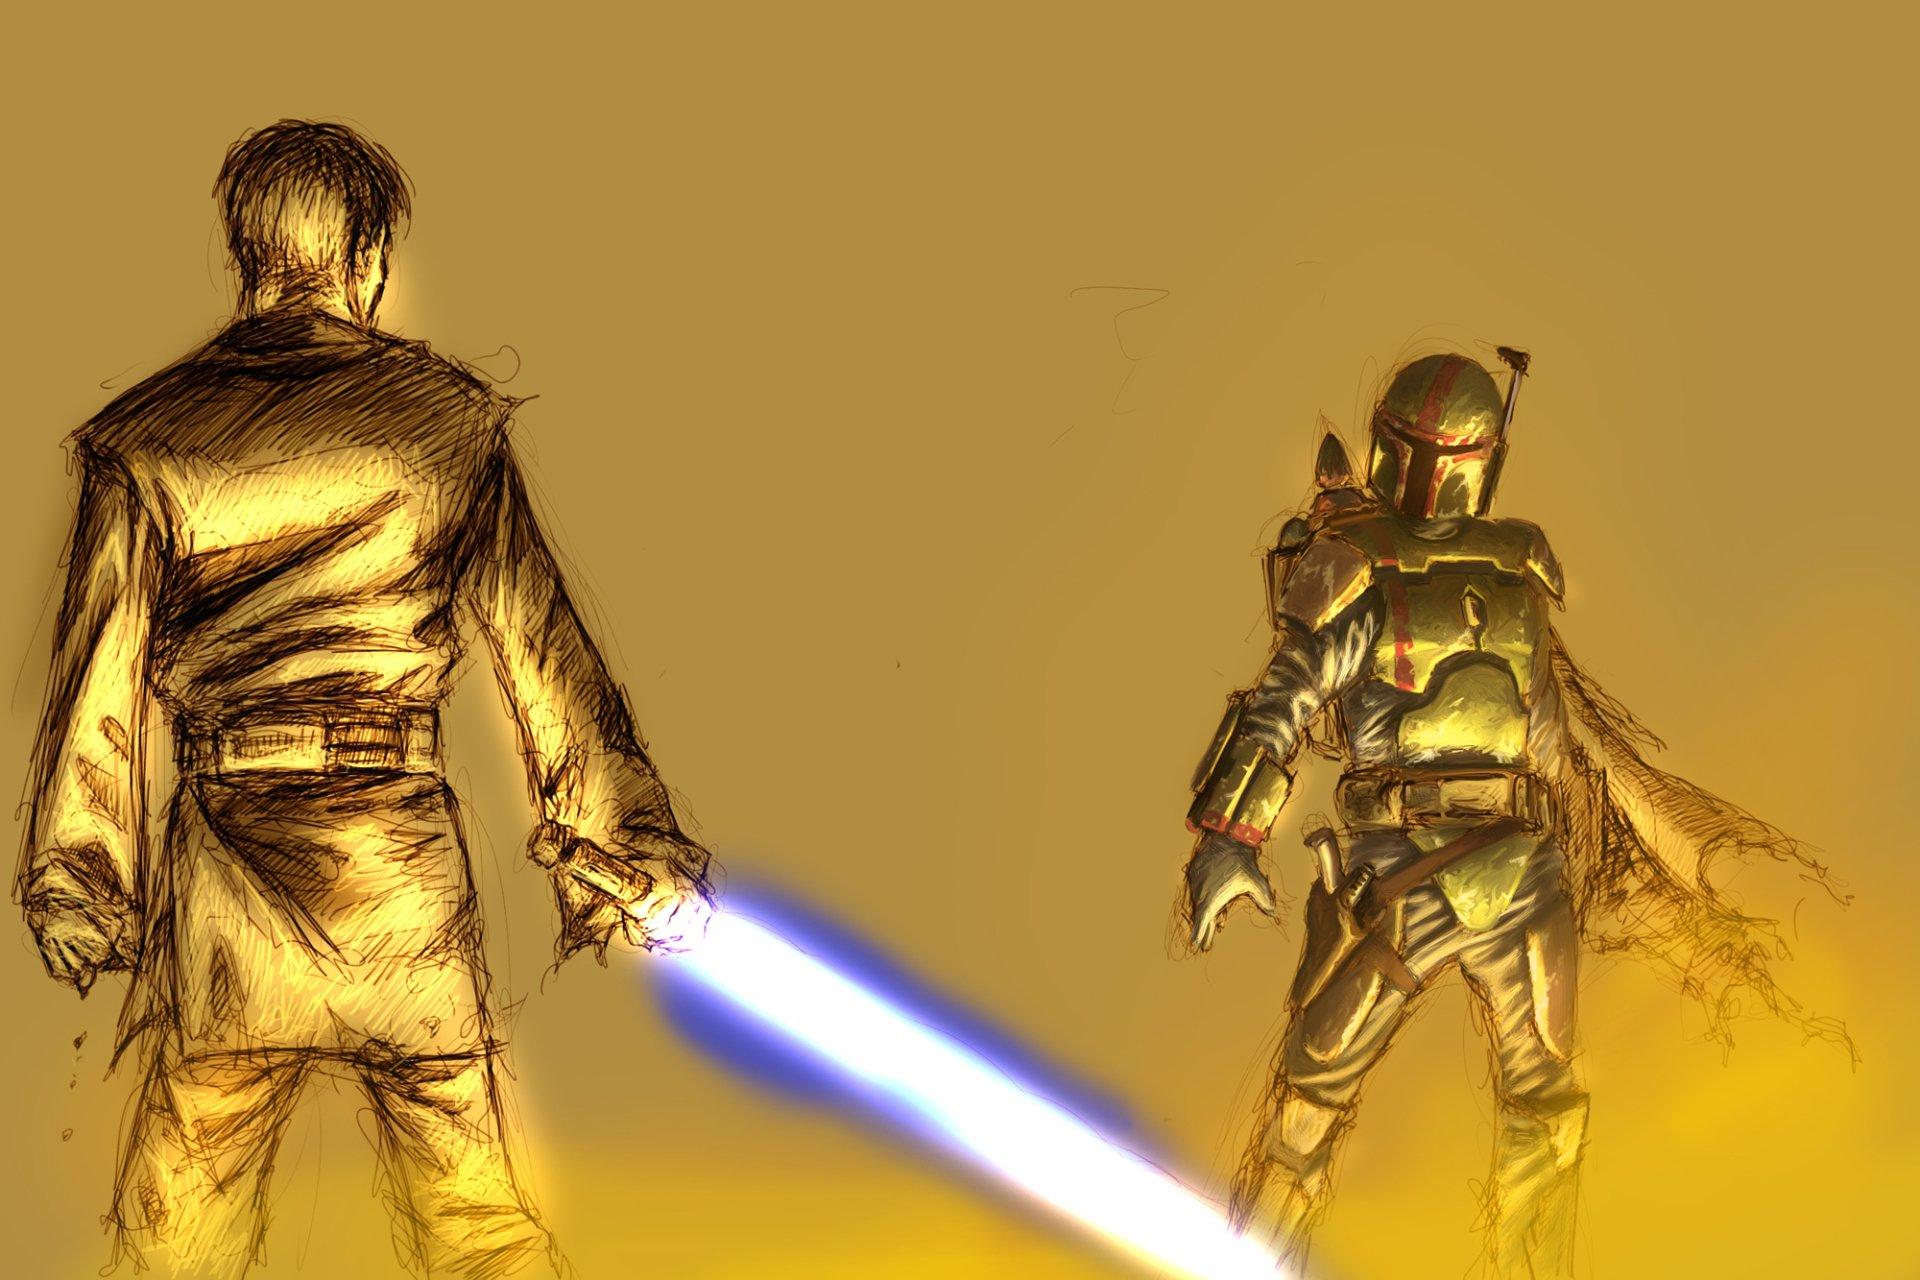 Sci Fi - Star Wars  Boba Fett Bounty Hunter Wallpaper